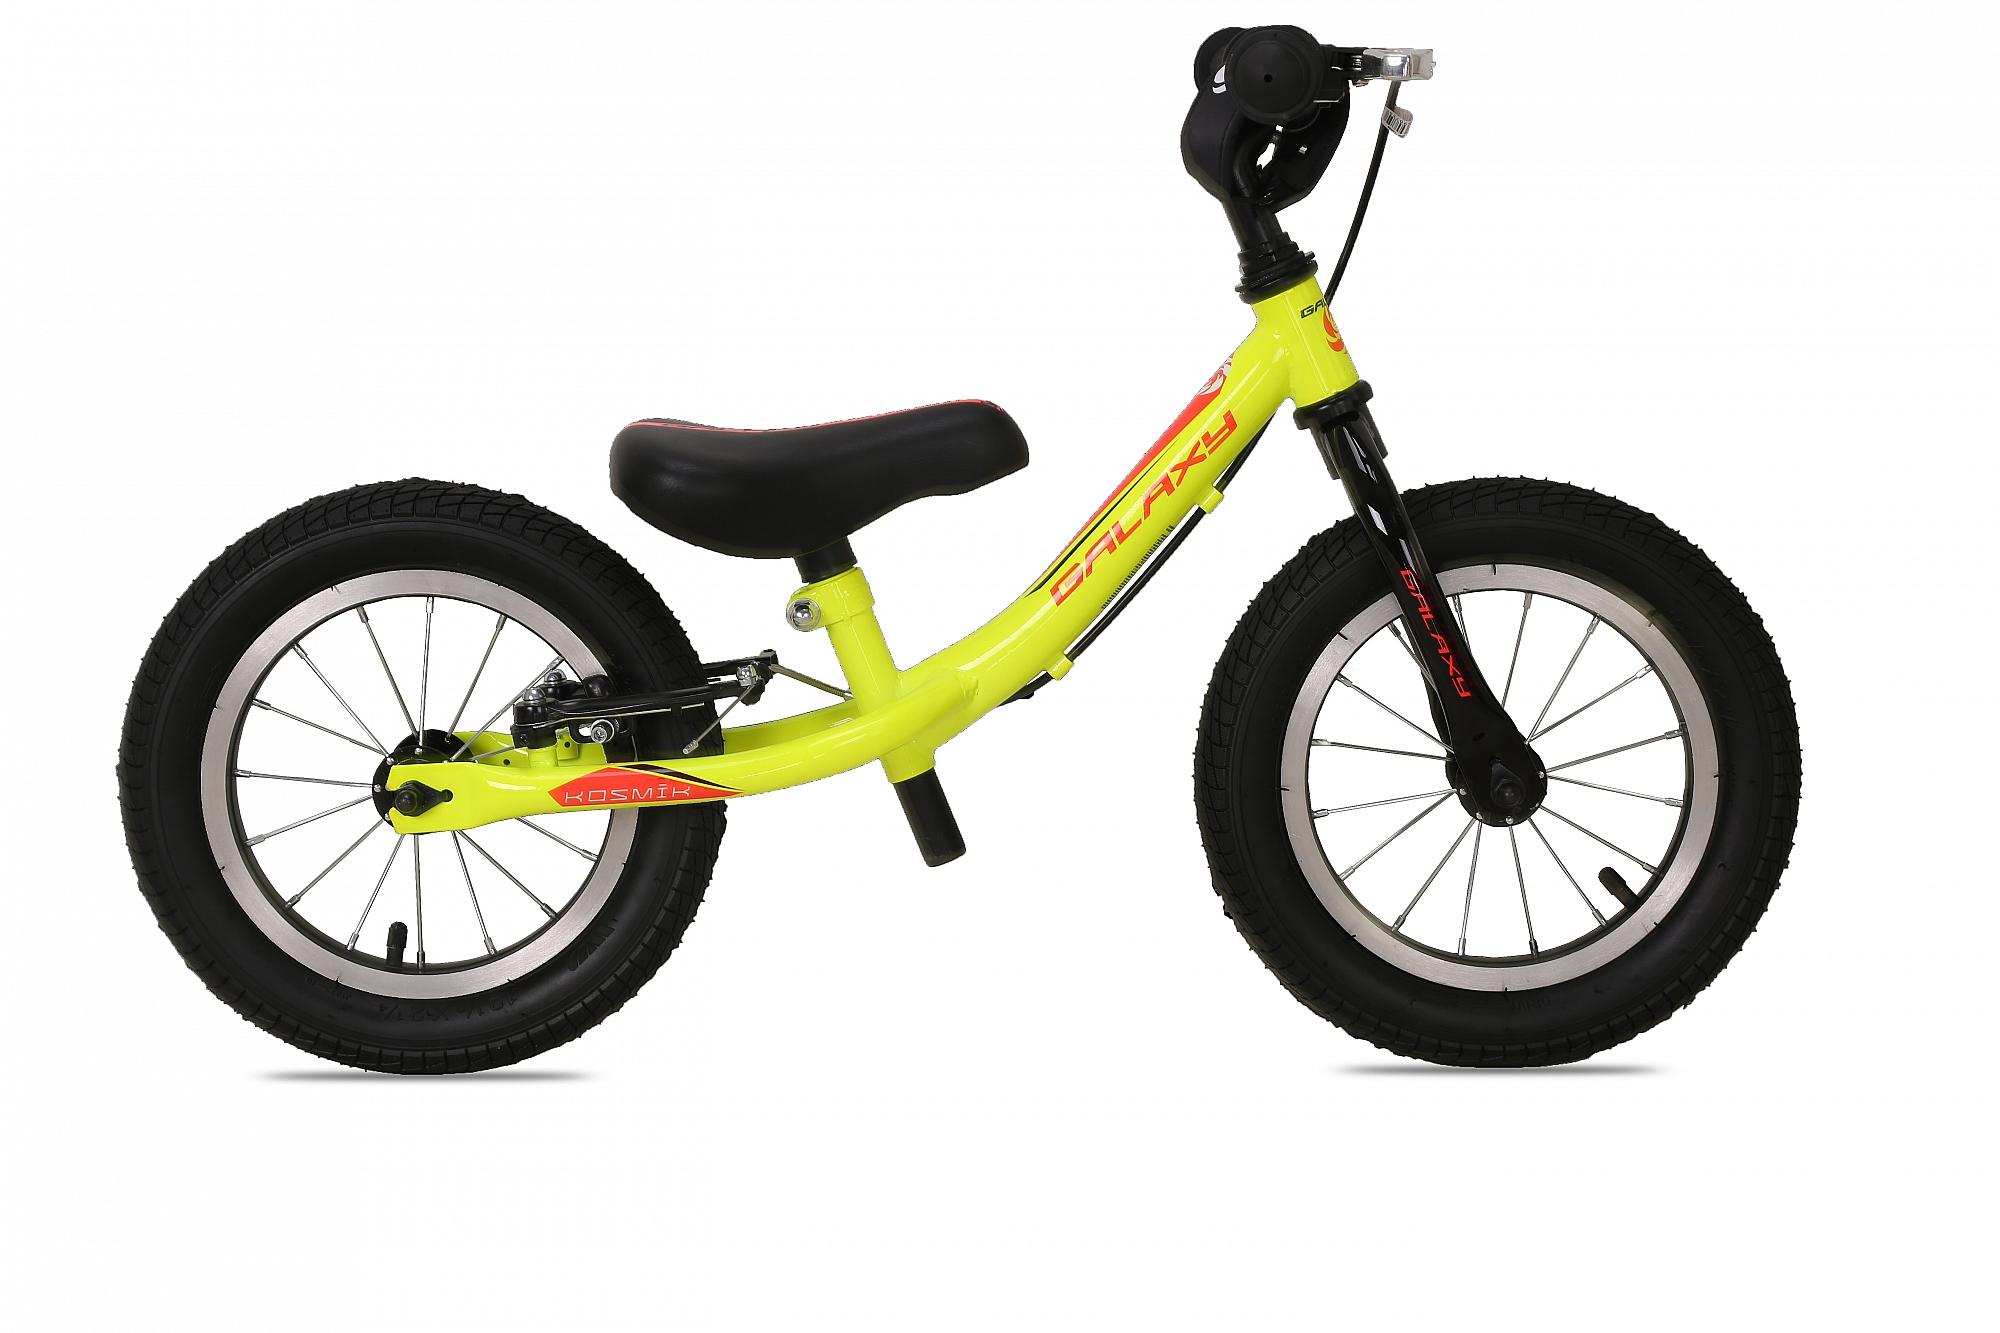 Odrážedlo GALAXY KOSMÍK žlutá 2016, ZDARMA dopravné! (barva žlutá, s brzdou, nafukovací pneu)